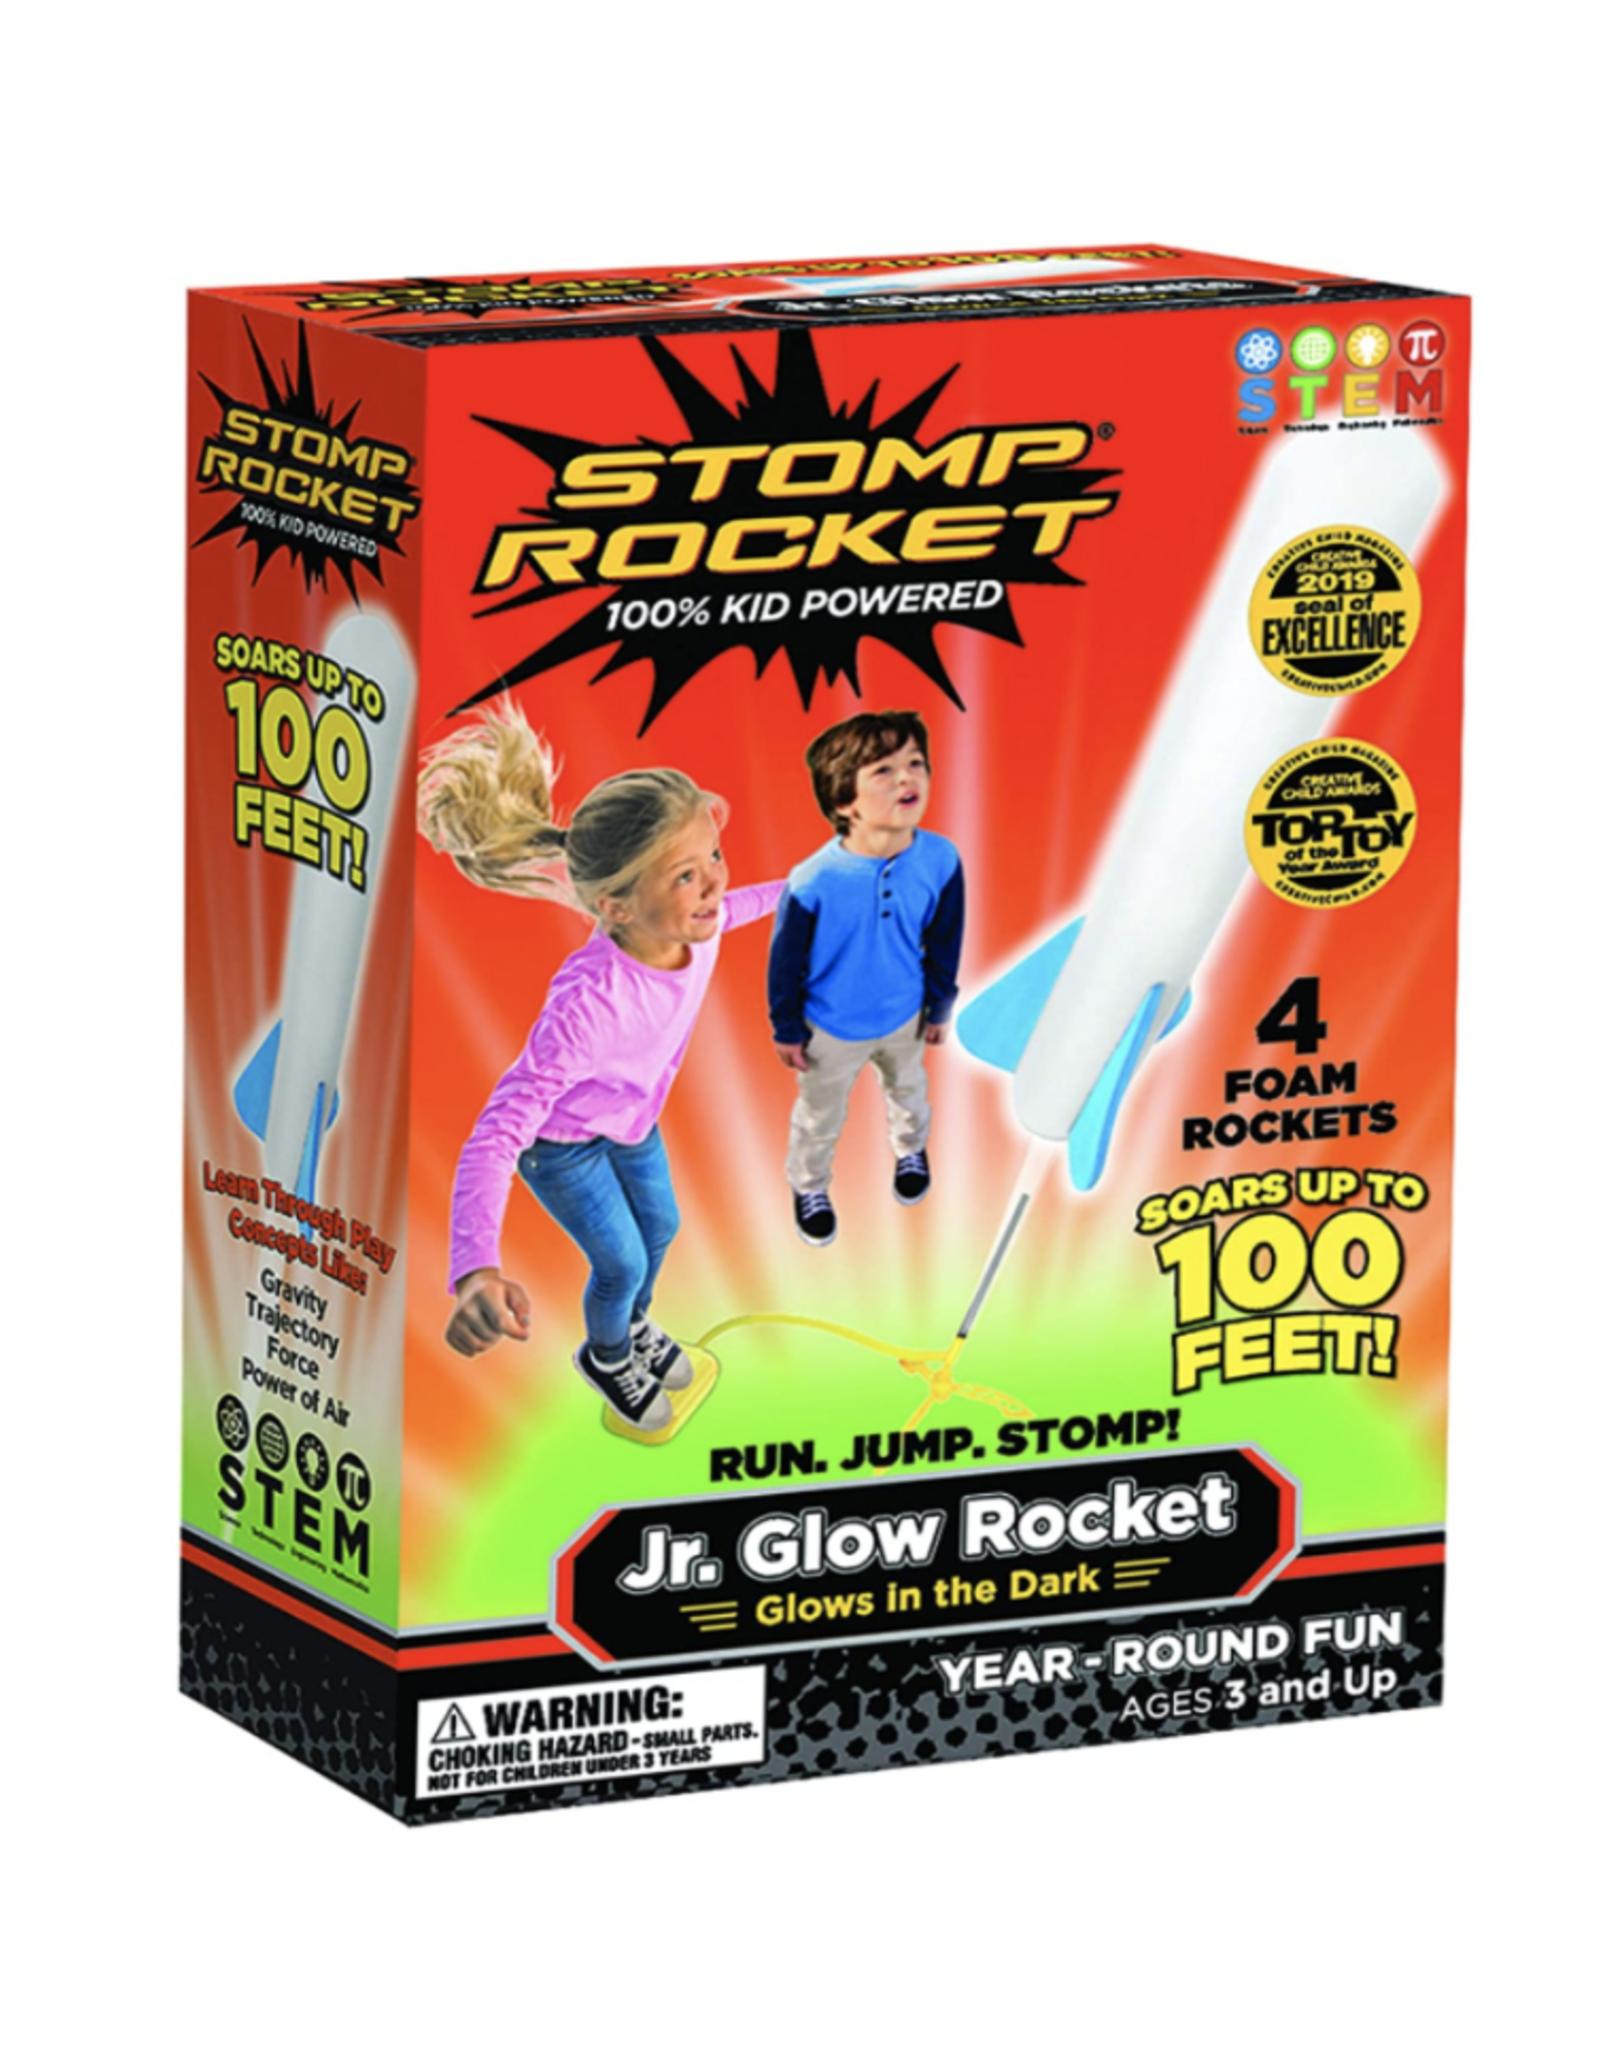 Stomp Rocket Stomp Rocket Jr. Glow